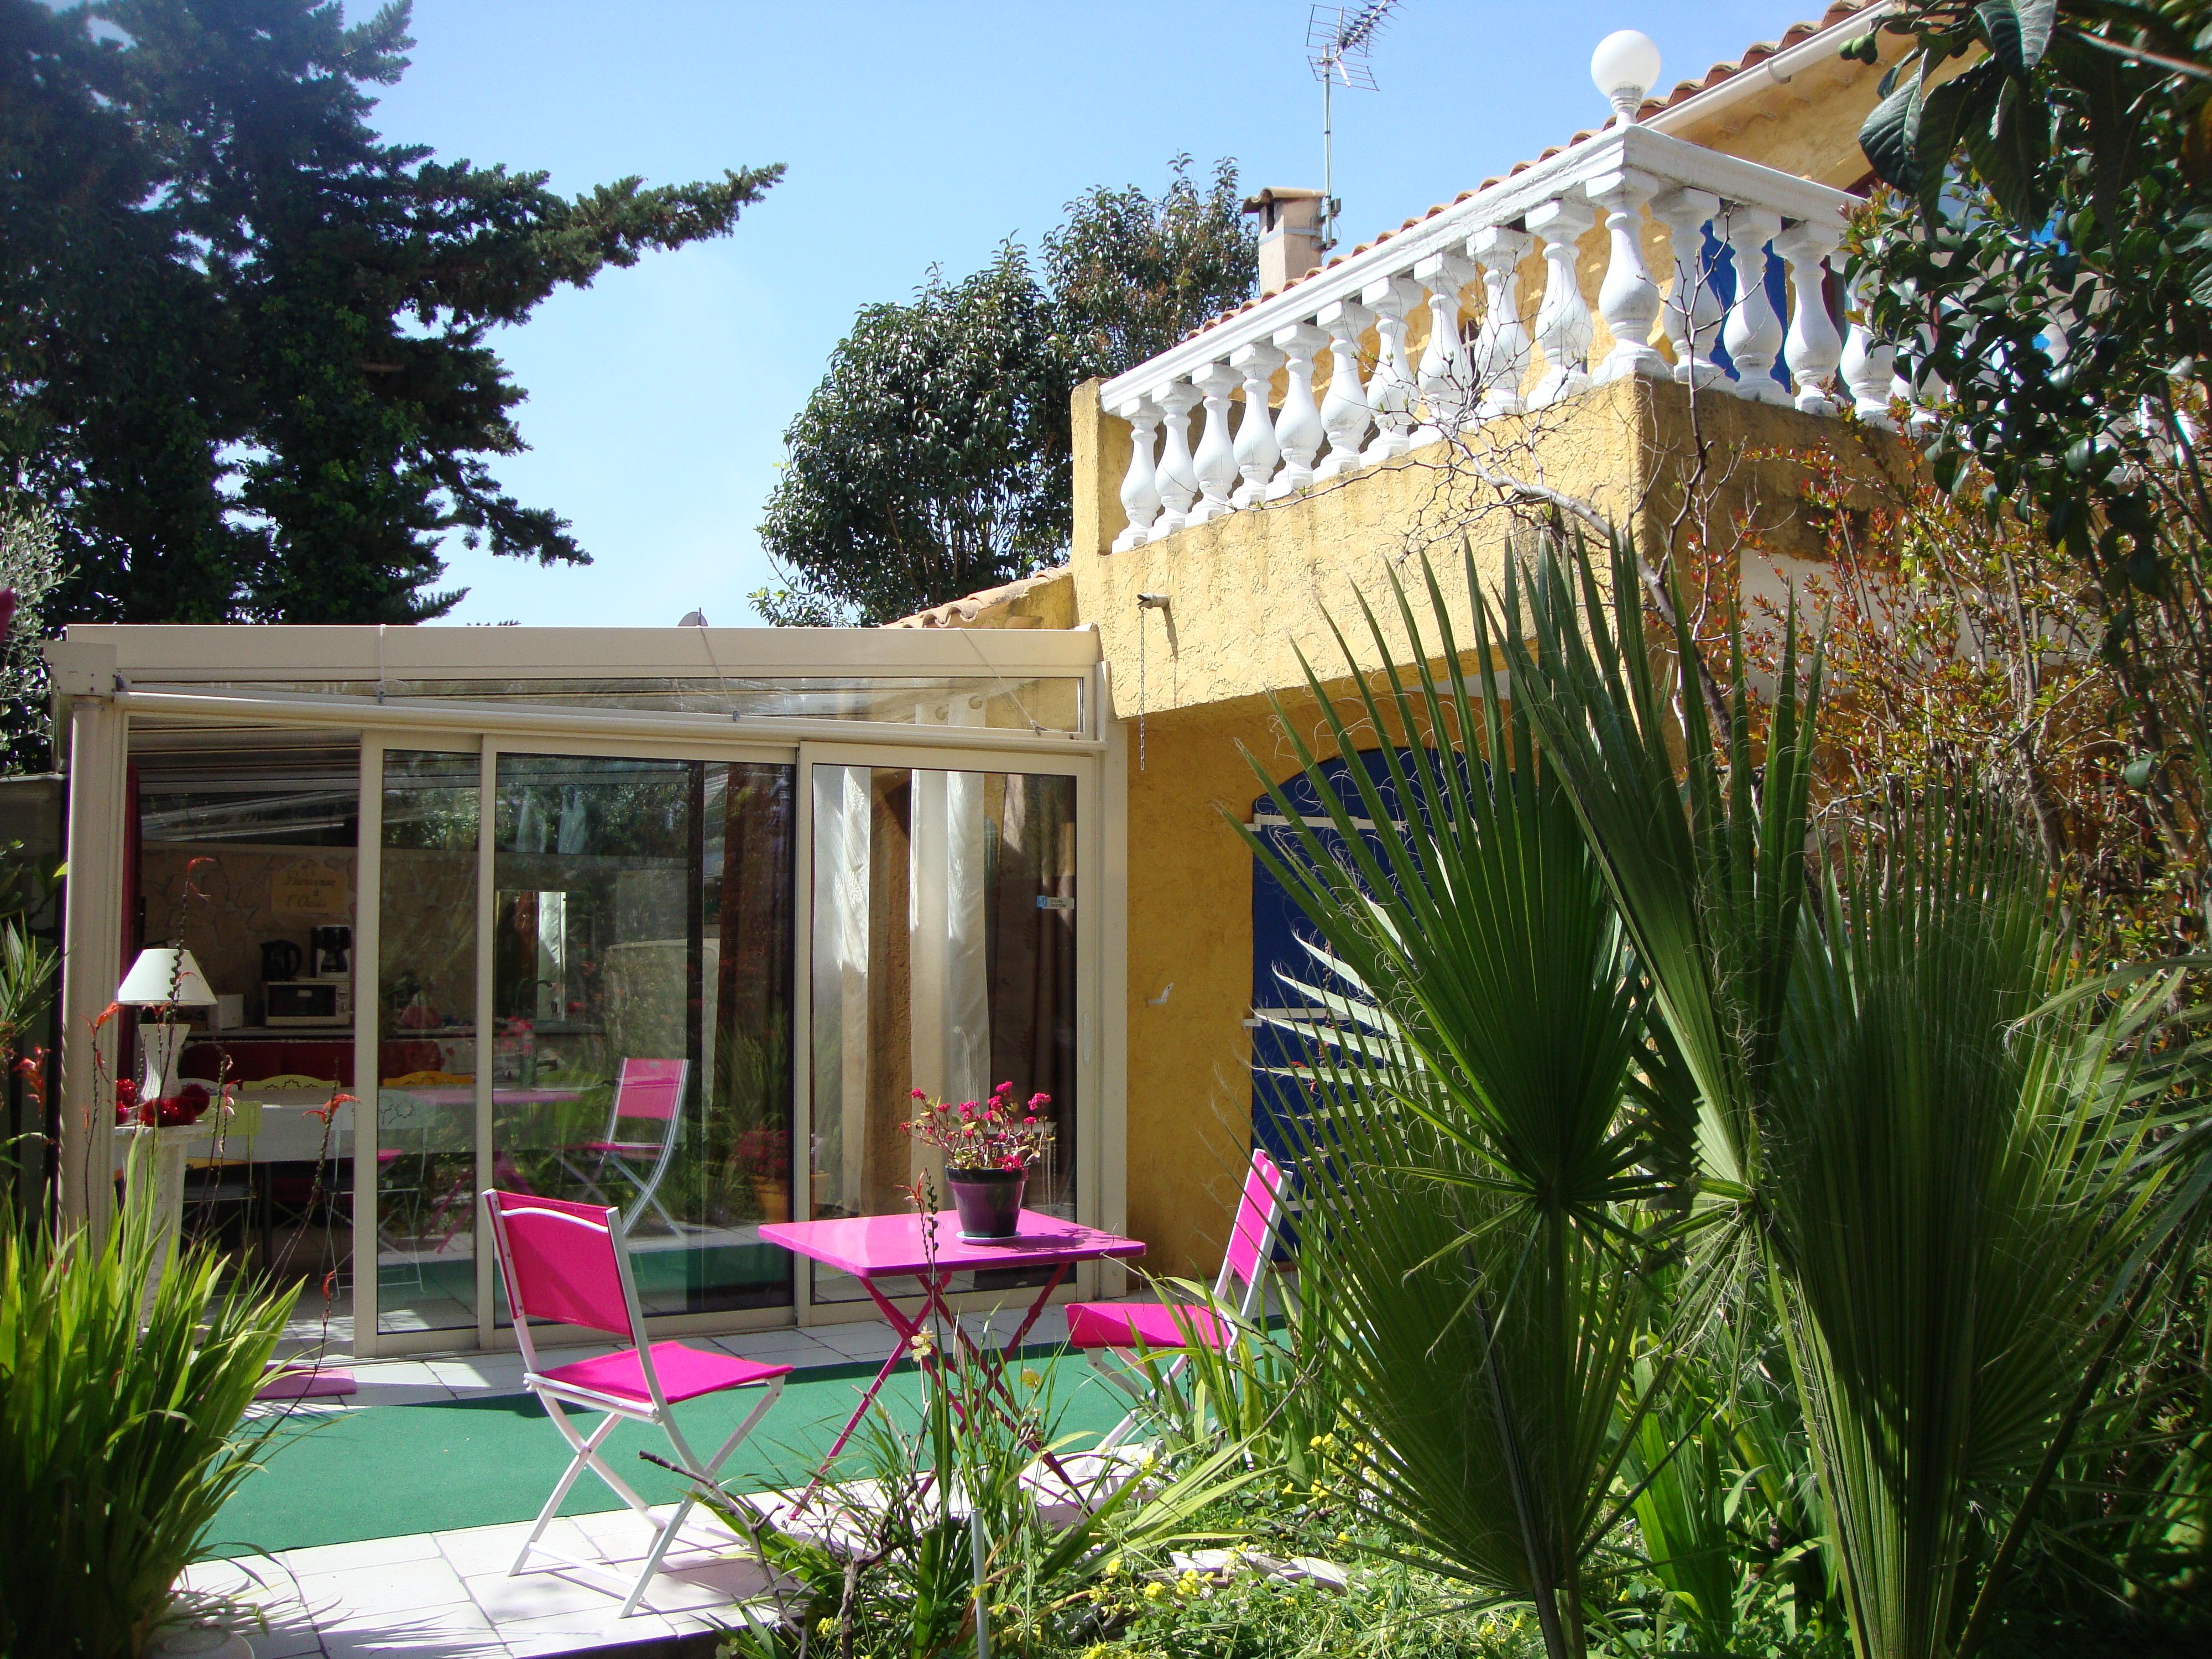 maison soleil bleu une chambre d 39 hotes dans le var en. Black Bedroom Furniture Sets. Home Design Ideas